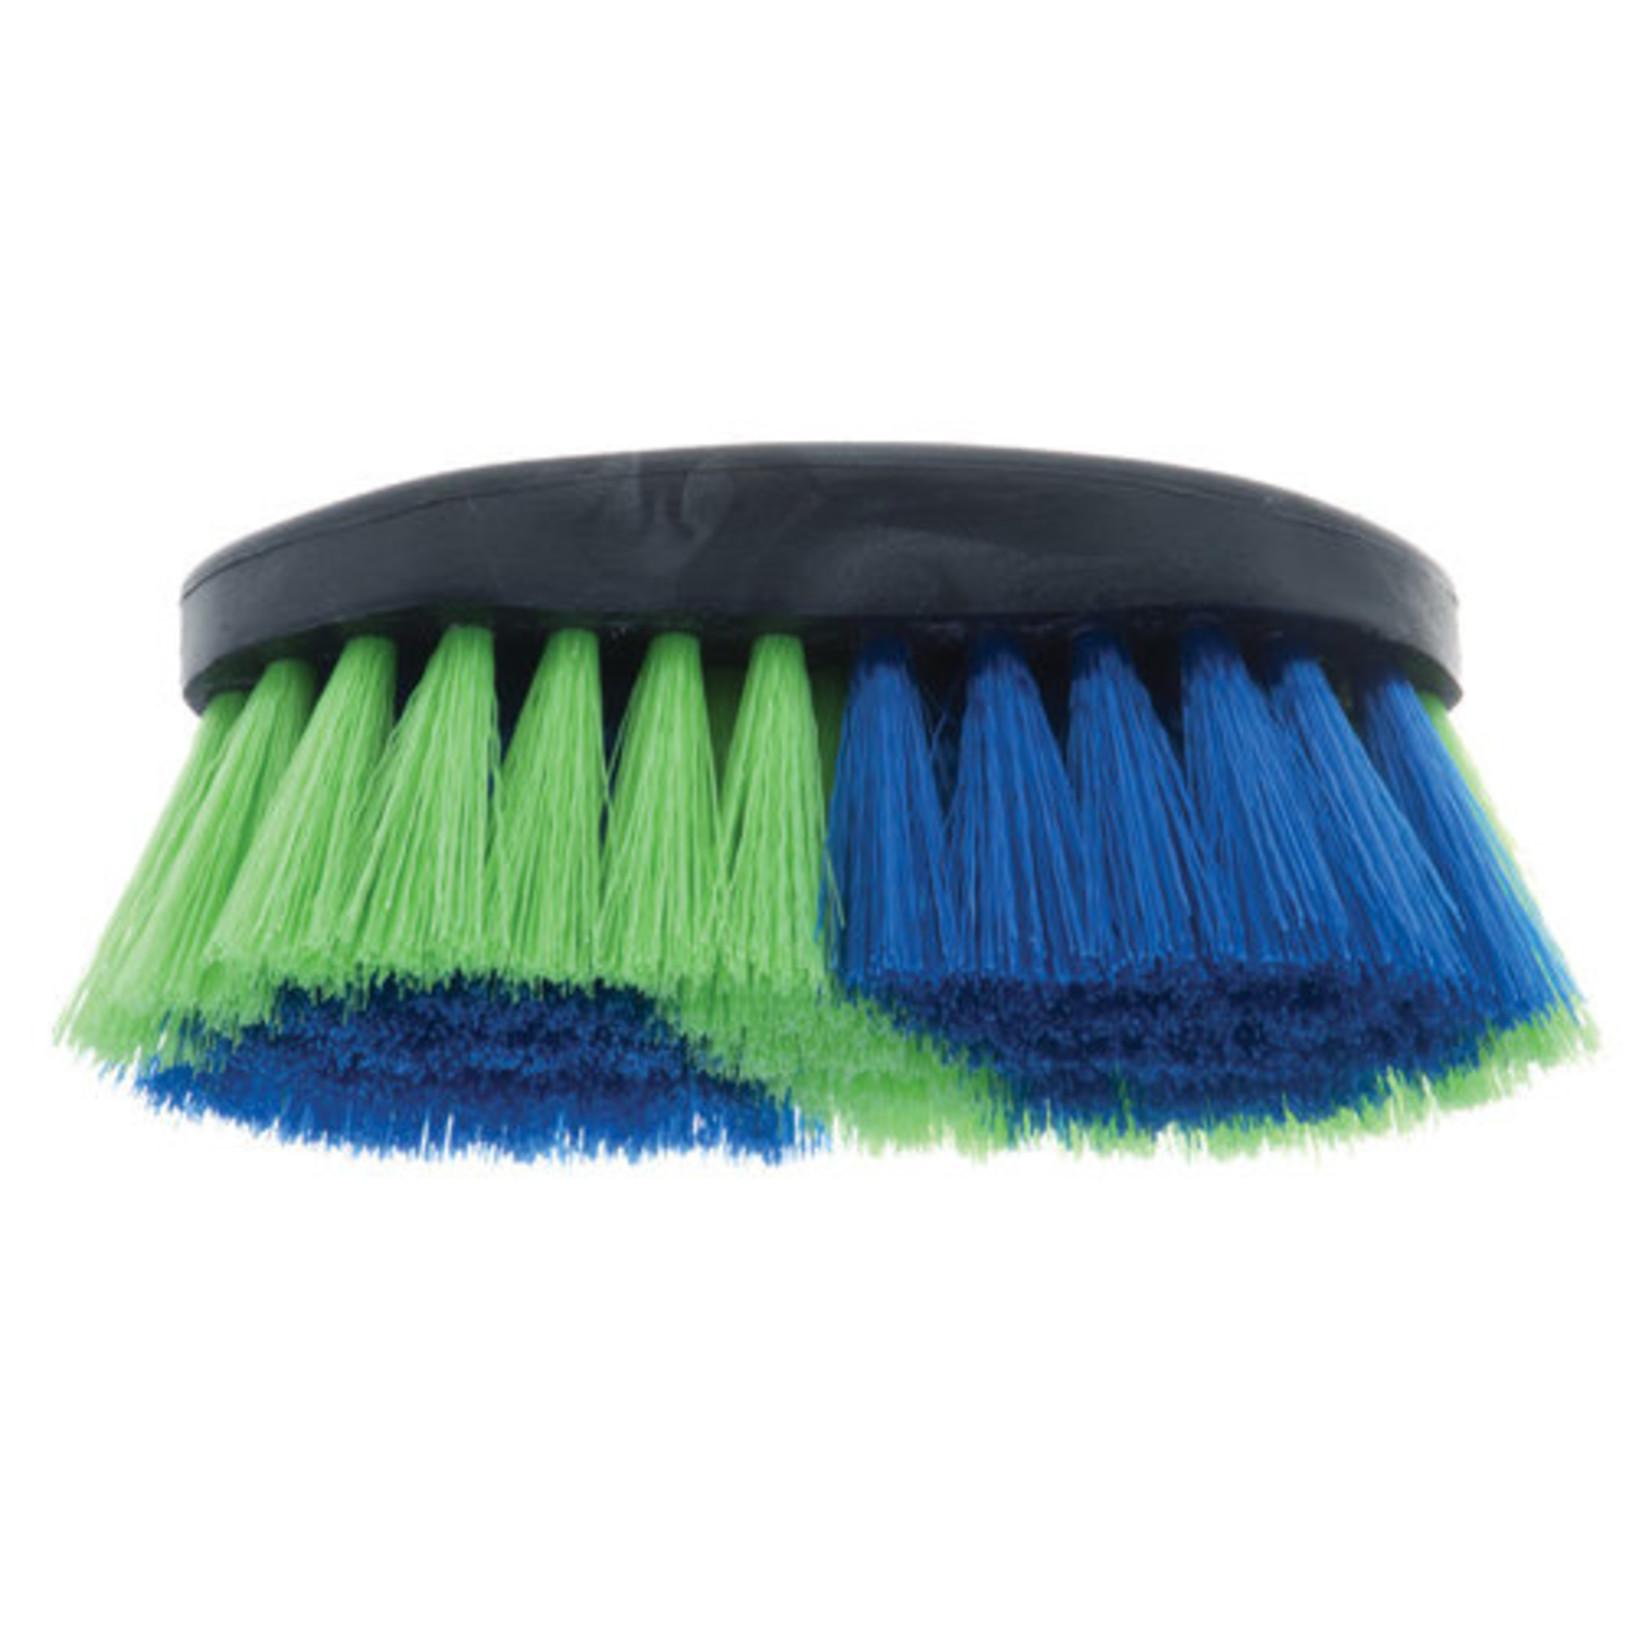 Body Brush - Blue/Lime